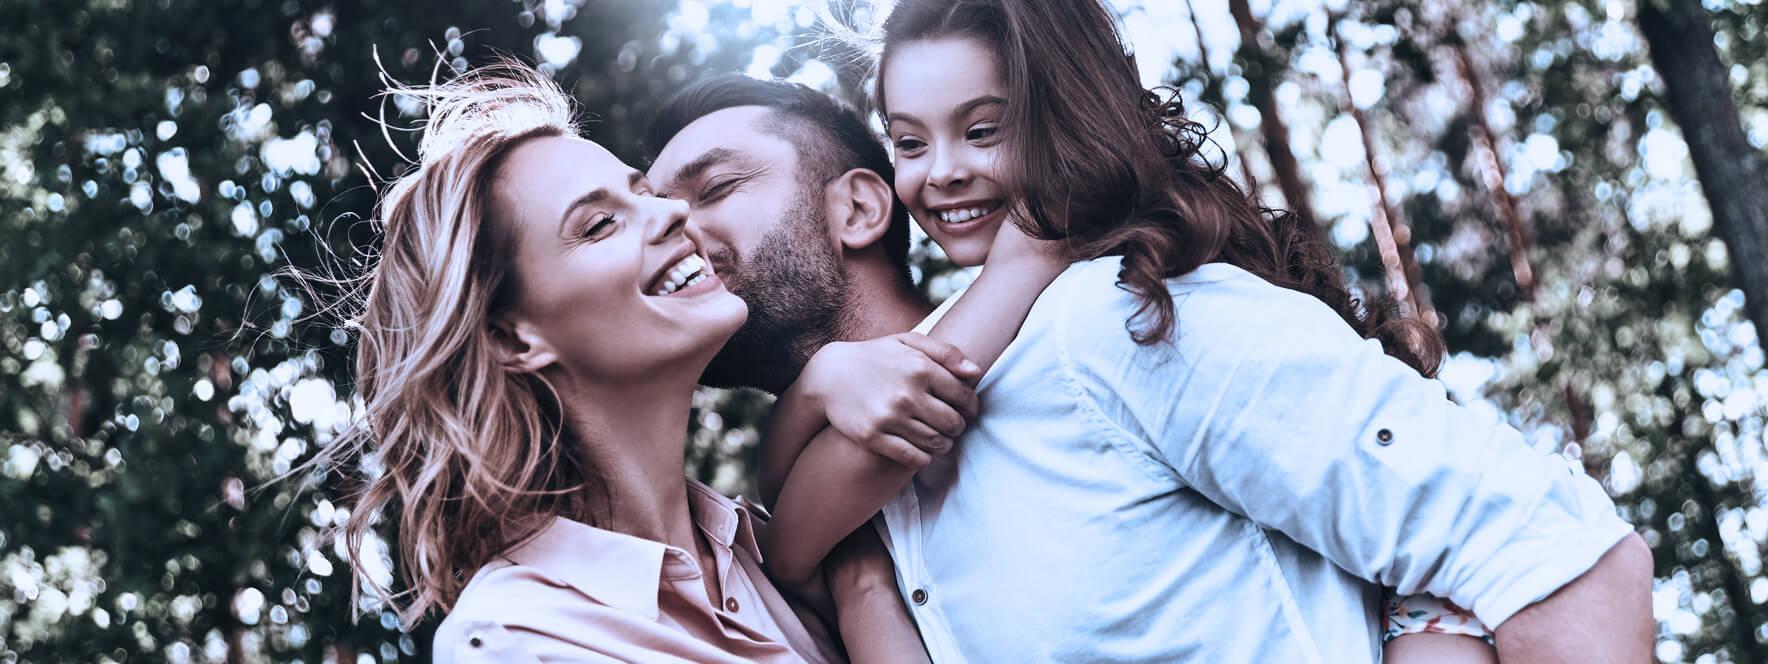 Joyeuse jeune famille se fait des câlins diminue leur stress par le toucher